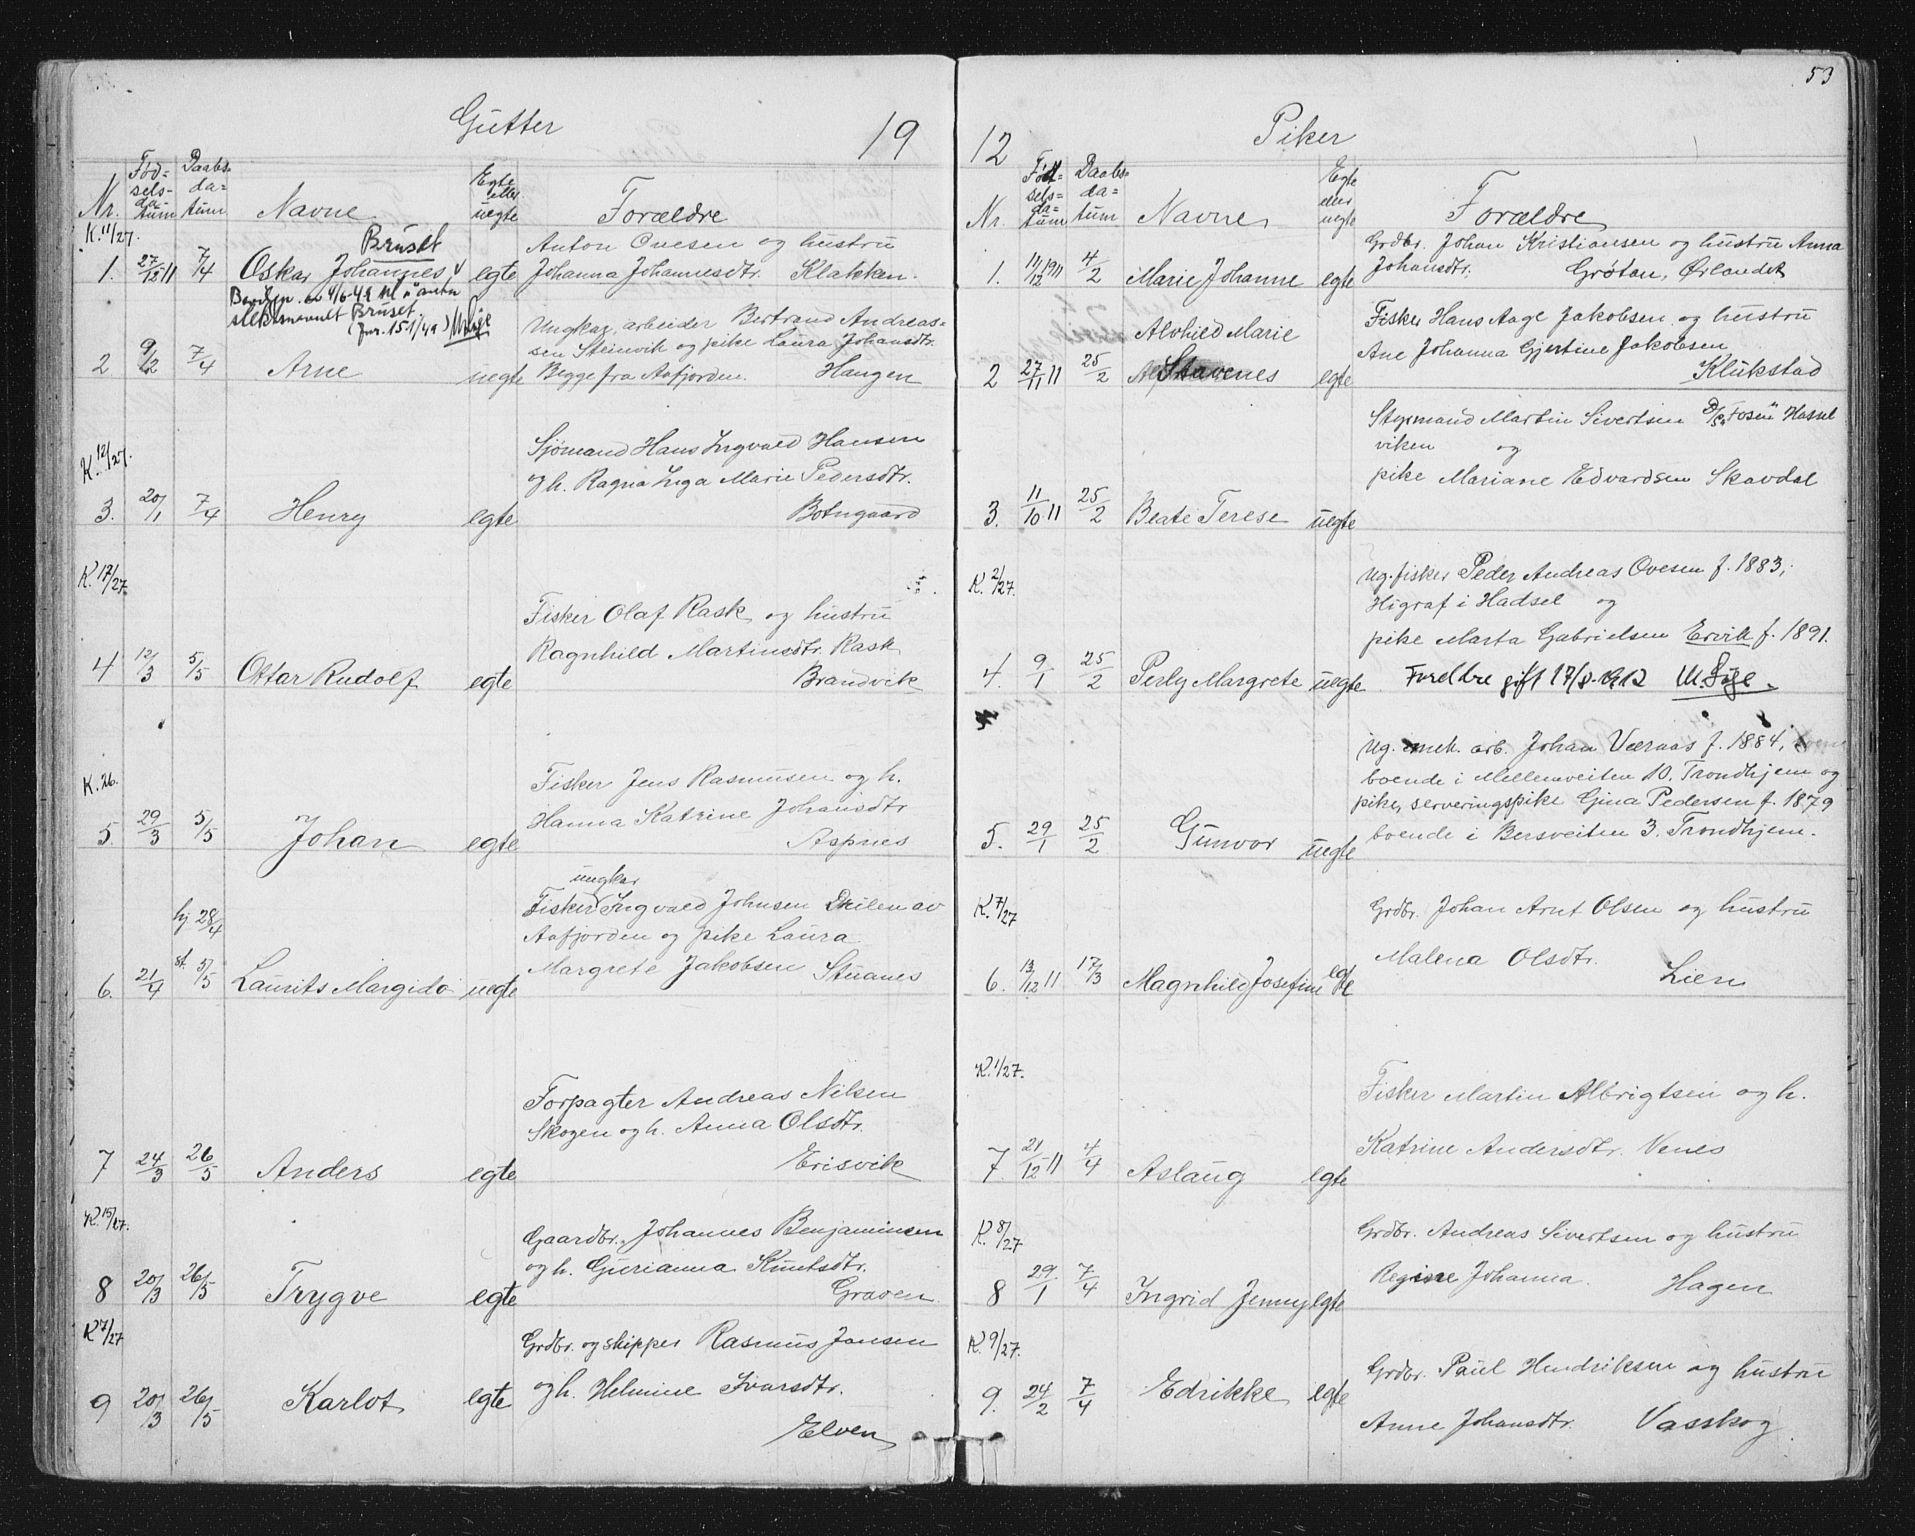 SAT, Ministerialprotokoller, klokkerbøker og fødselsregistre - Sør-Trøndelag, 651/L0647: Klokkerbok nr. 651C01, 1866-1914, s. 53